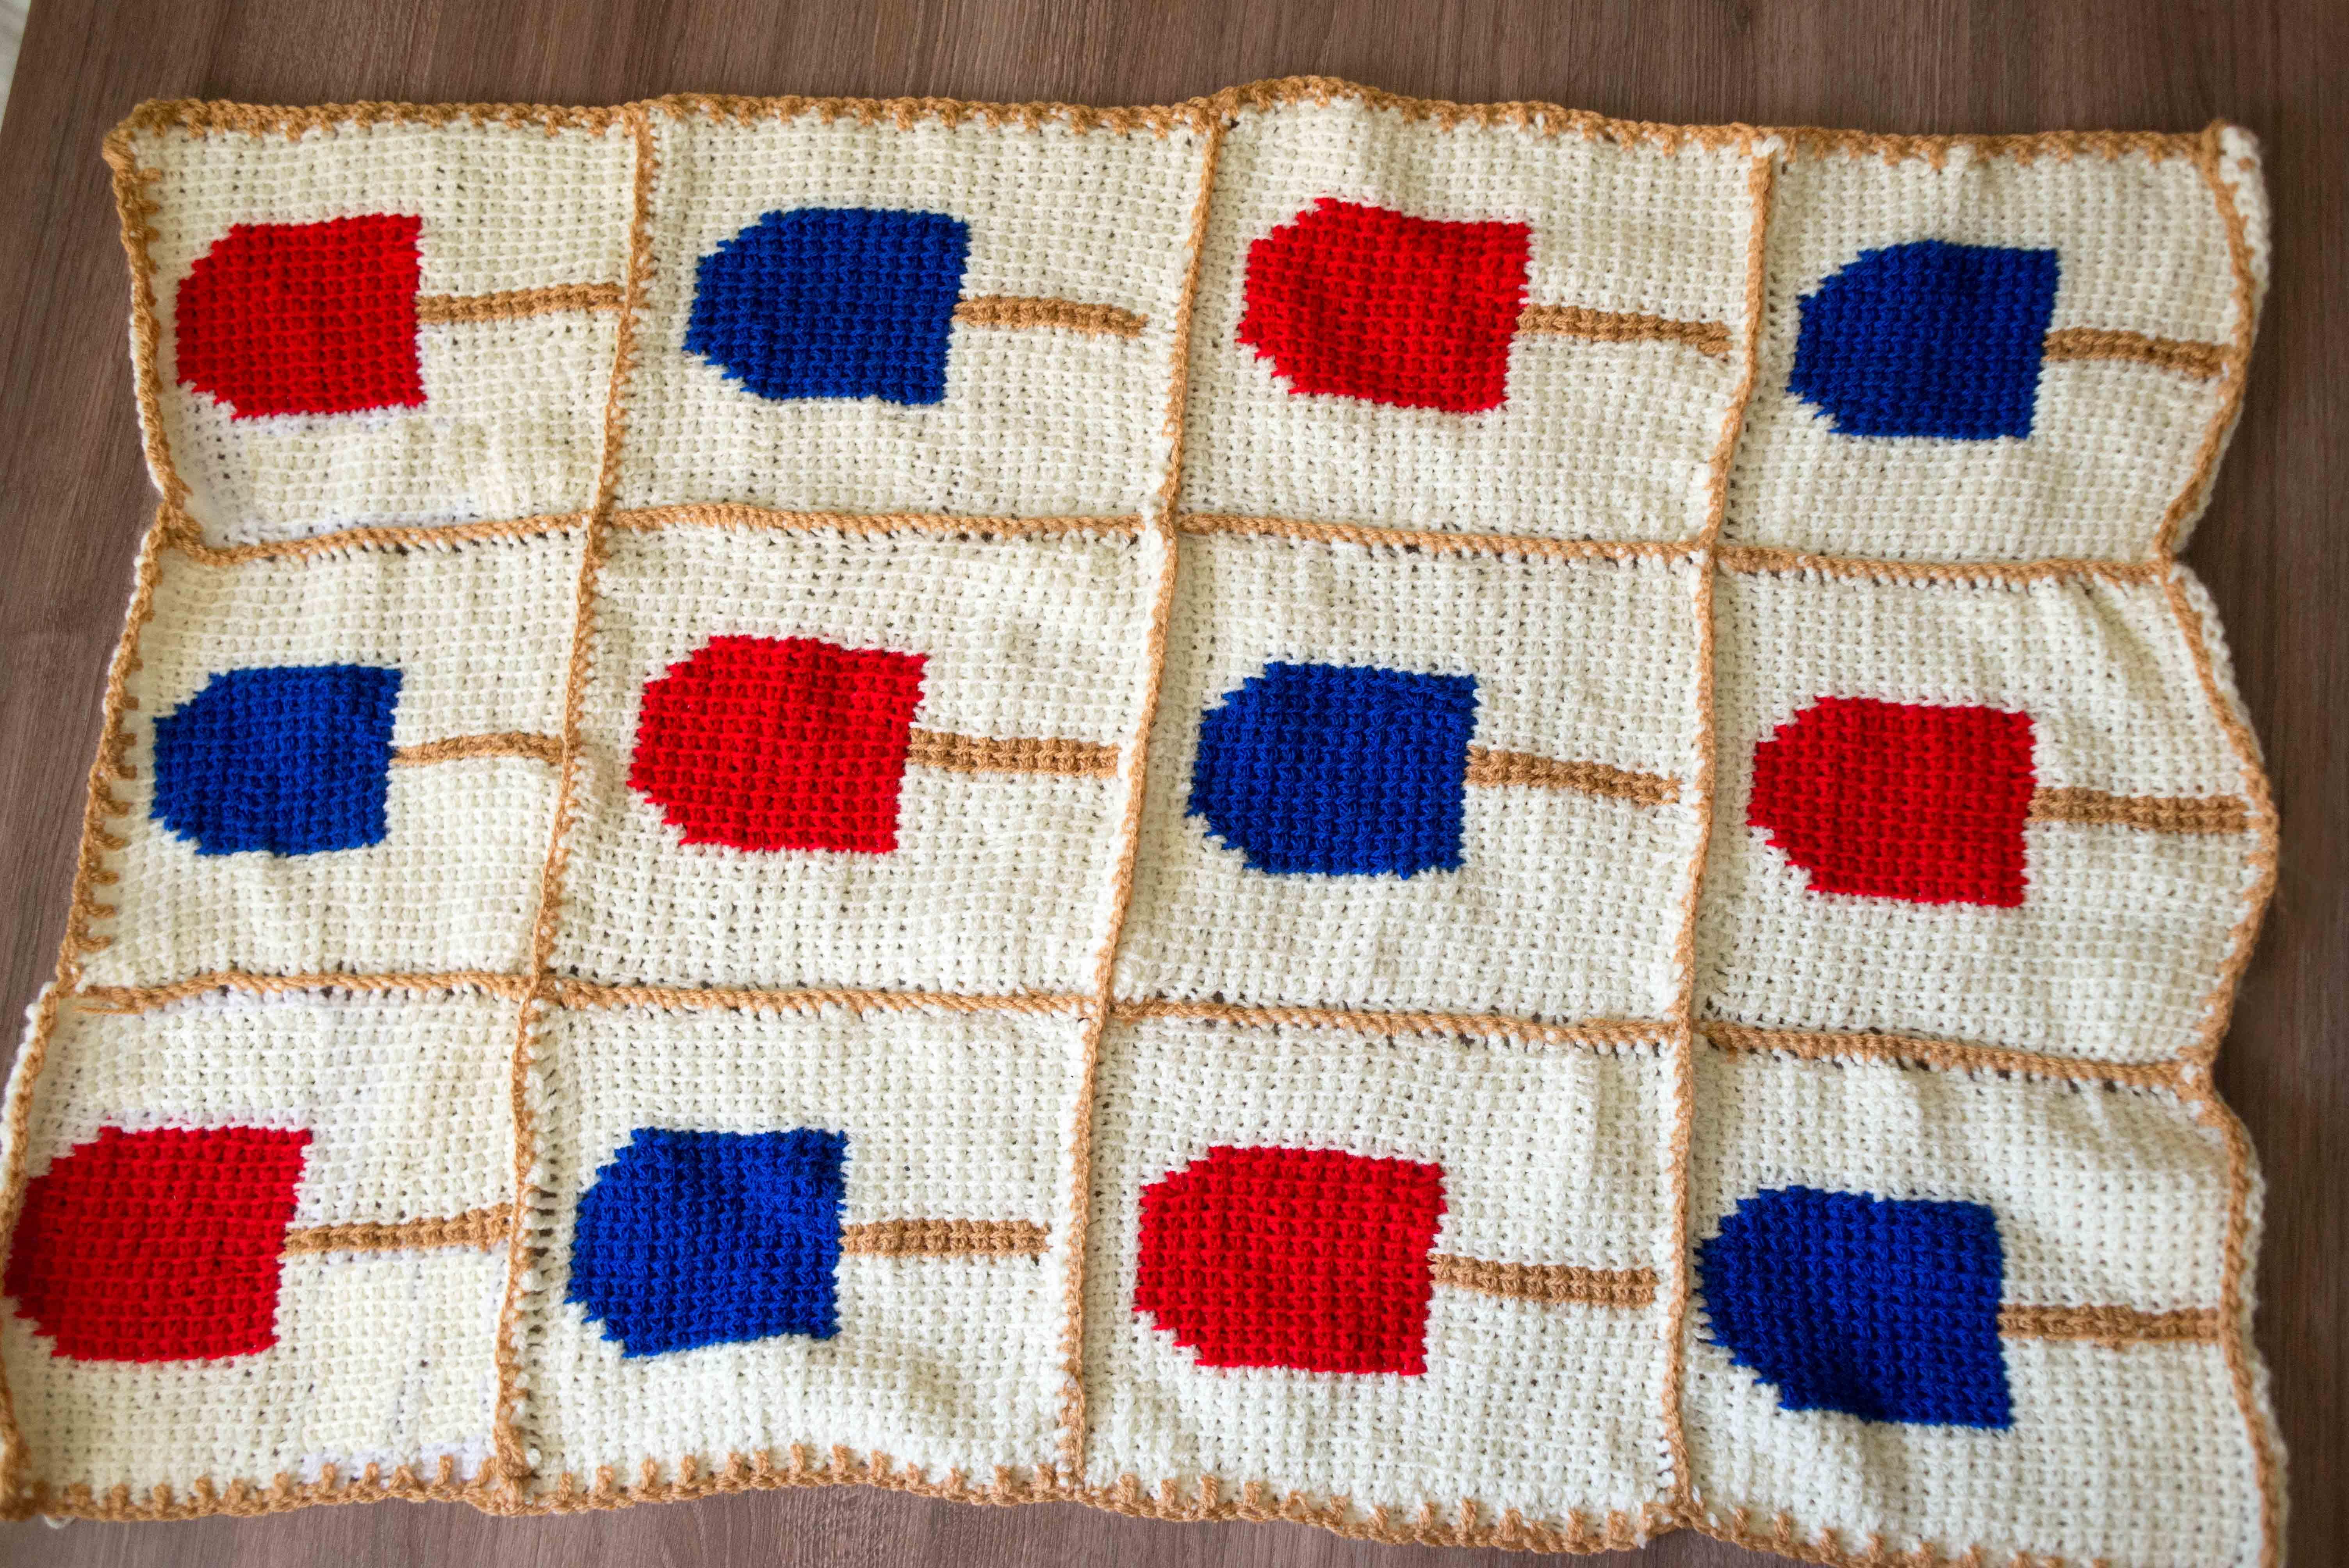 Creamsicle Crochet baby blanket by Noorain Nizami